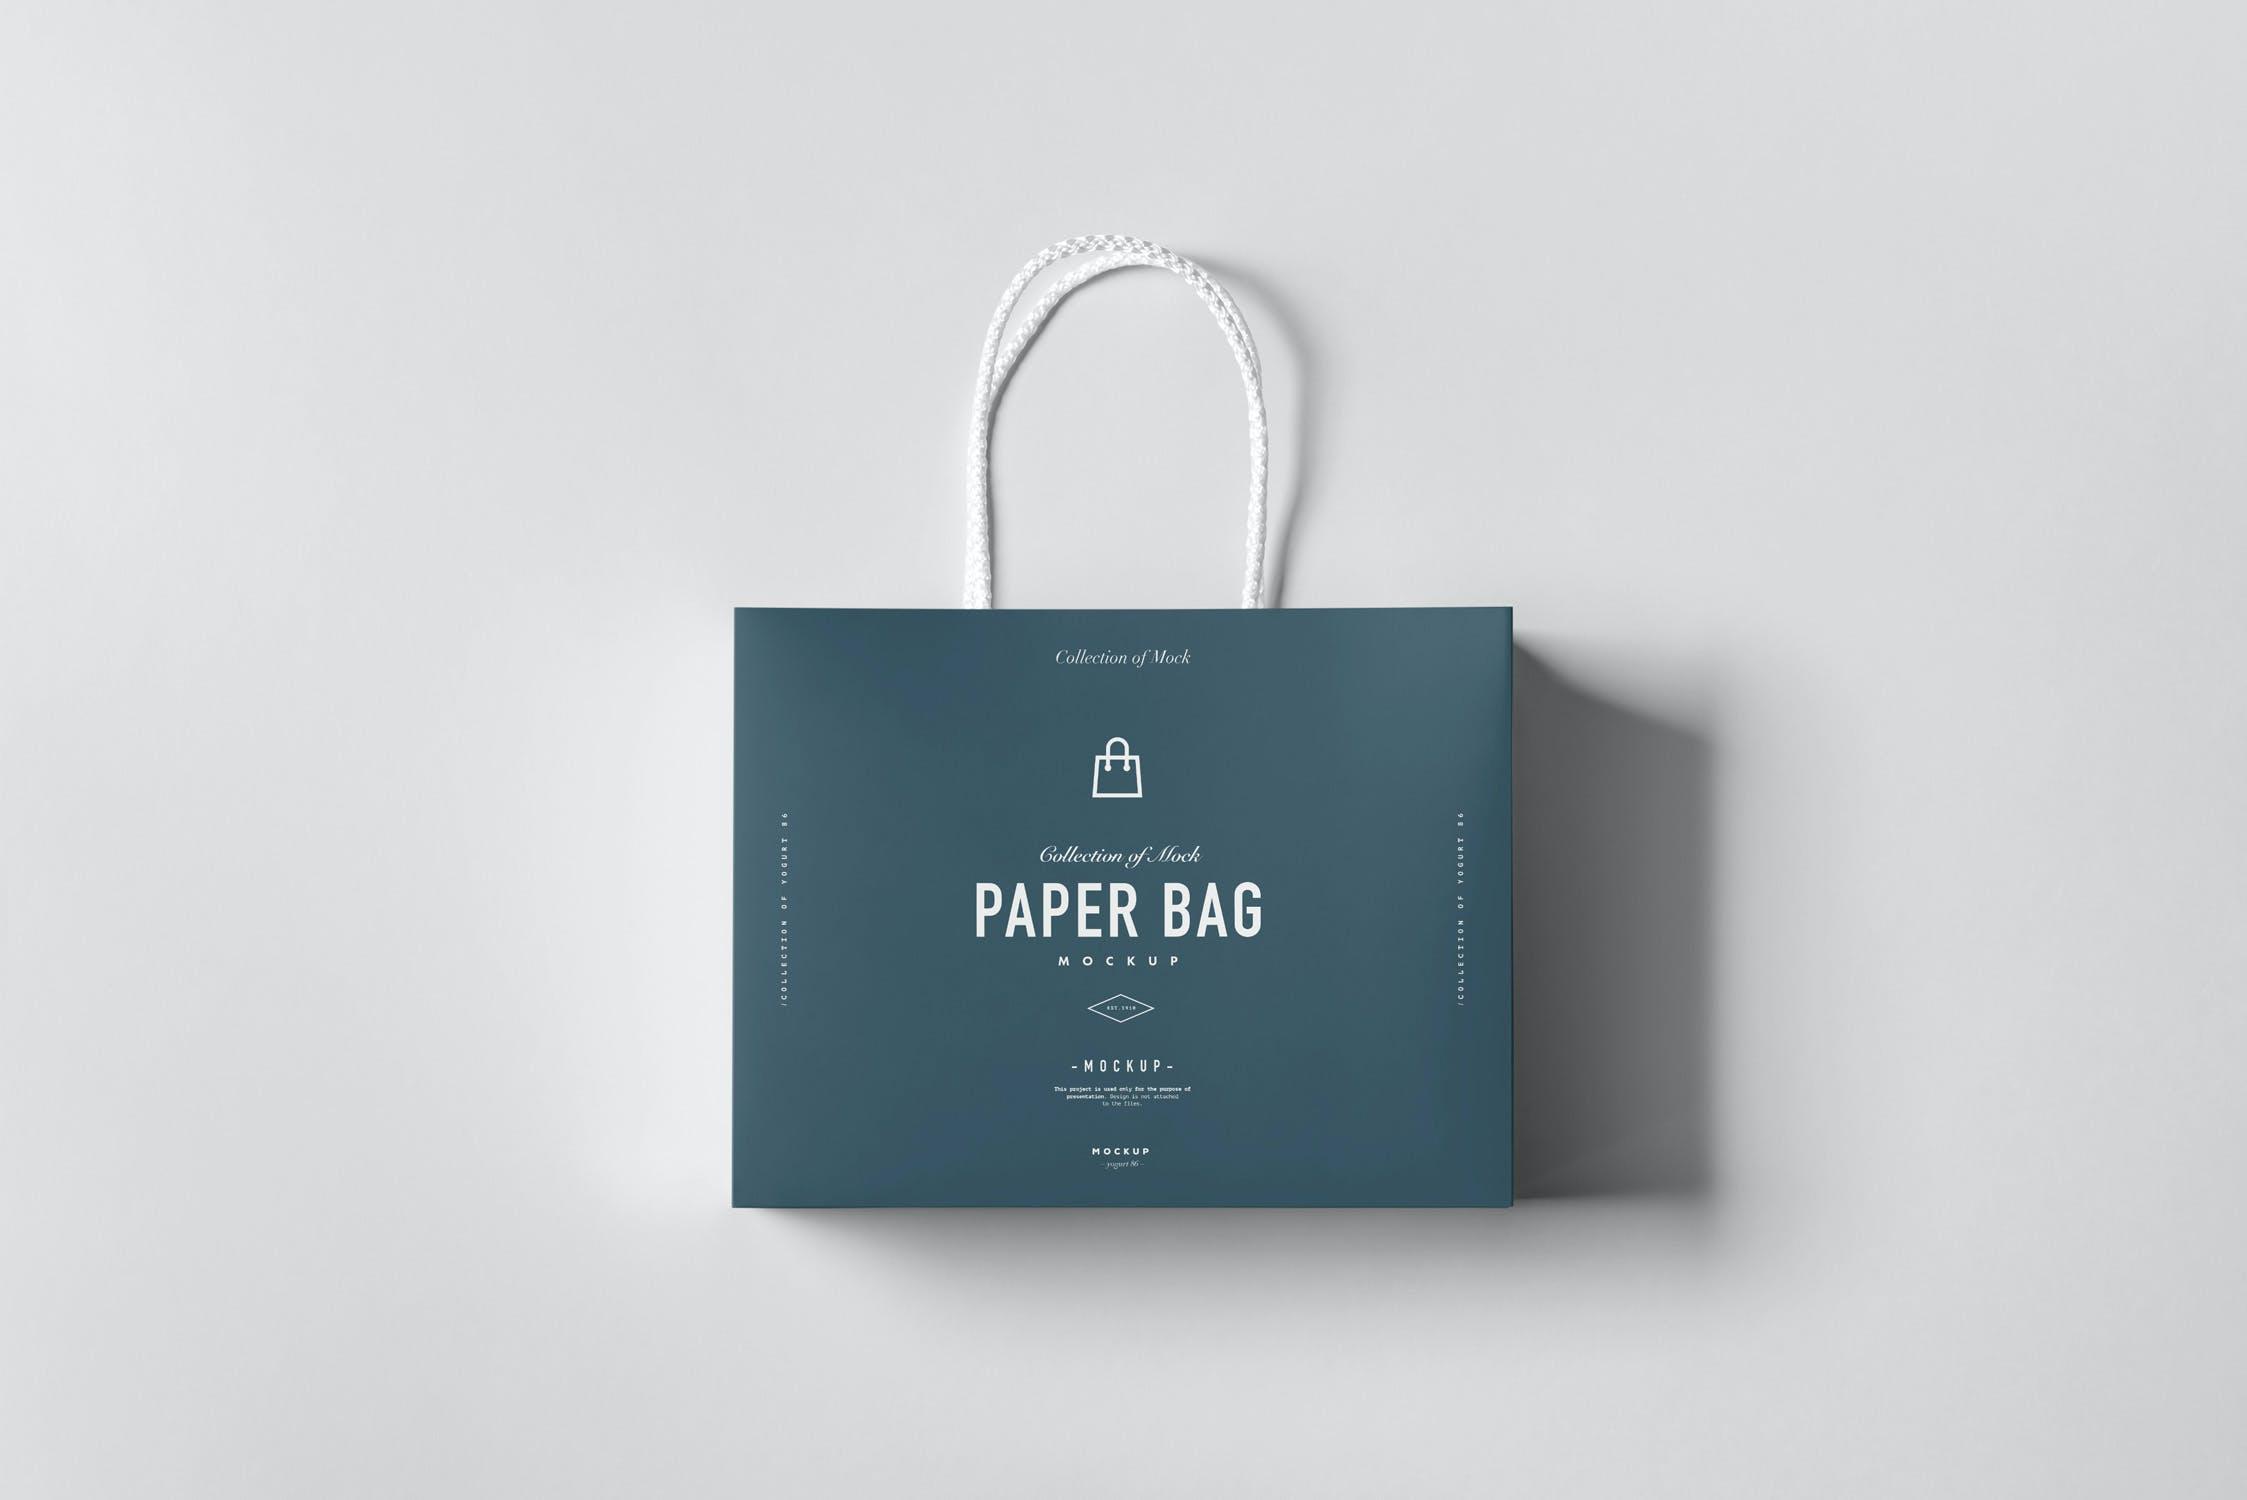 11款购物手提纸袋设计展示样机模板 Paper Bag Mockup 2插图(5)